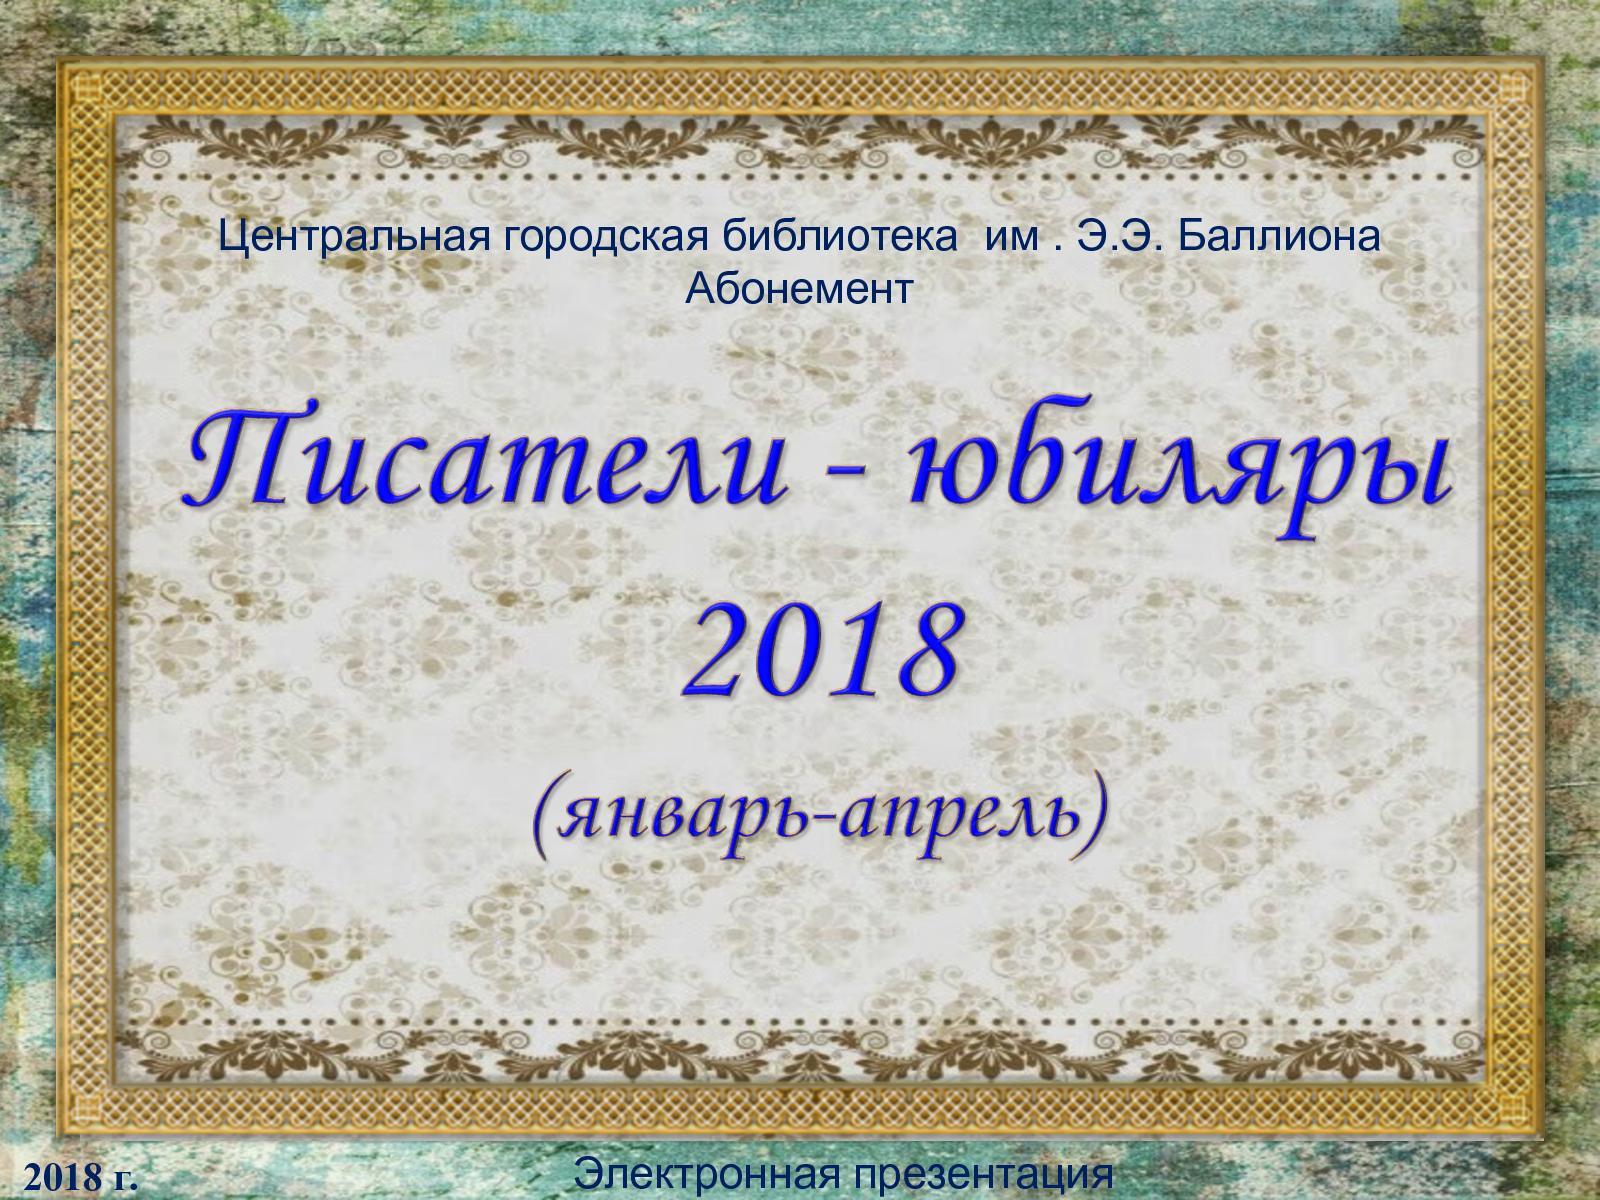 Картинка, картинки юбиляры 2018 года